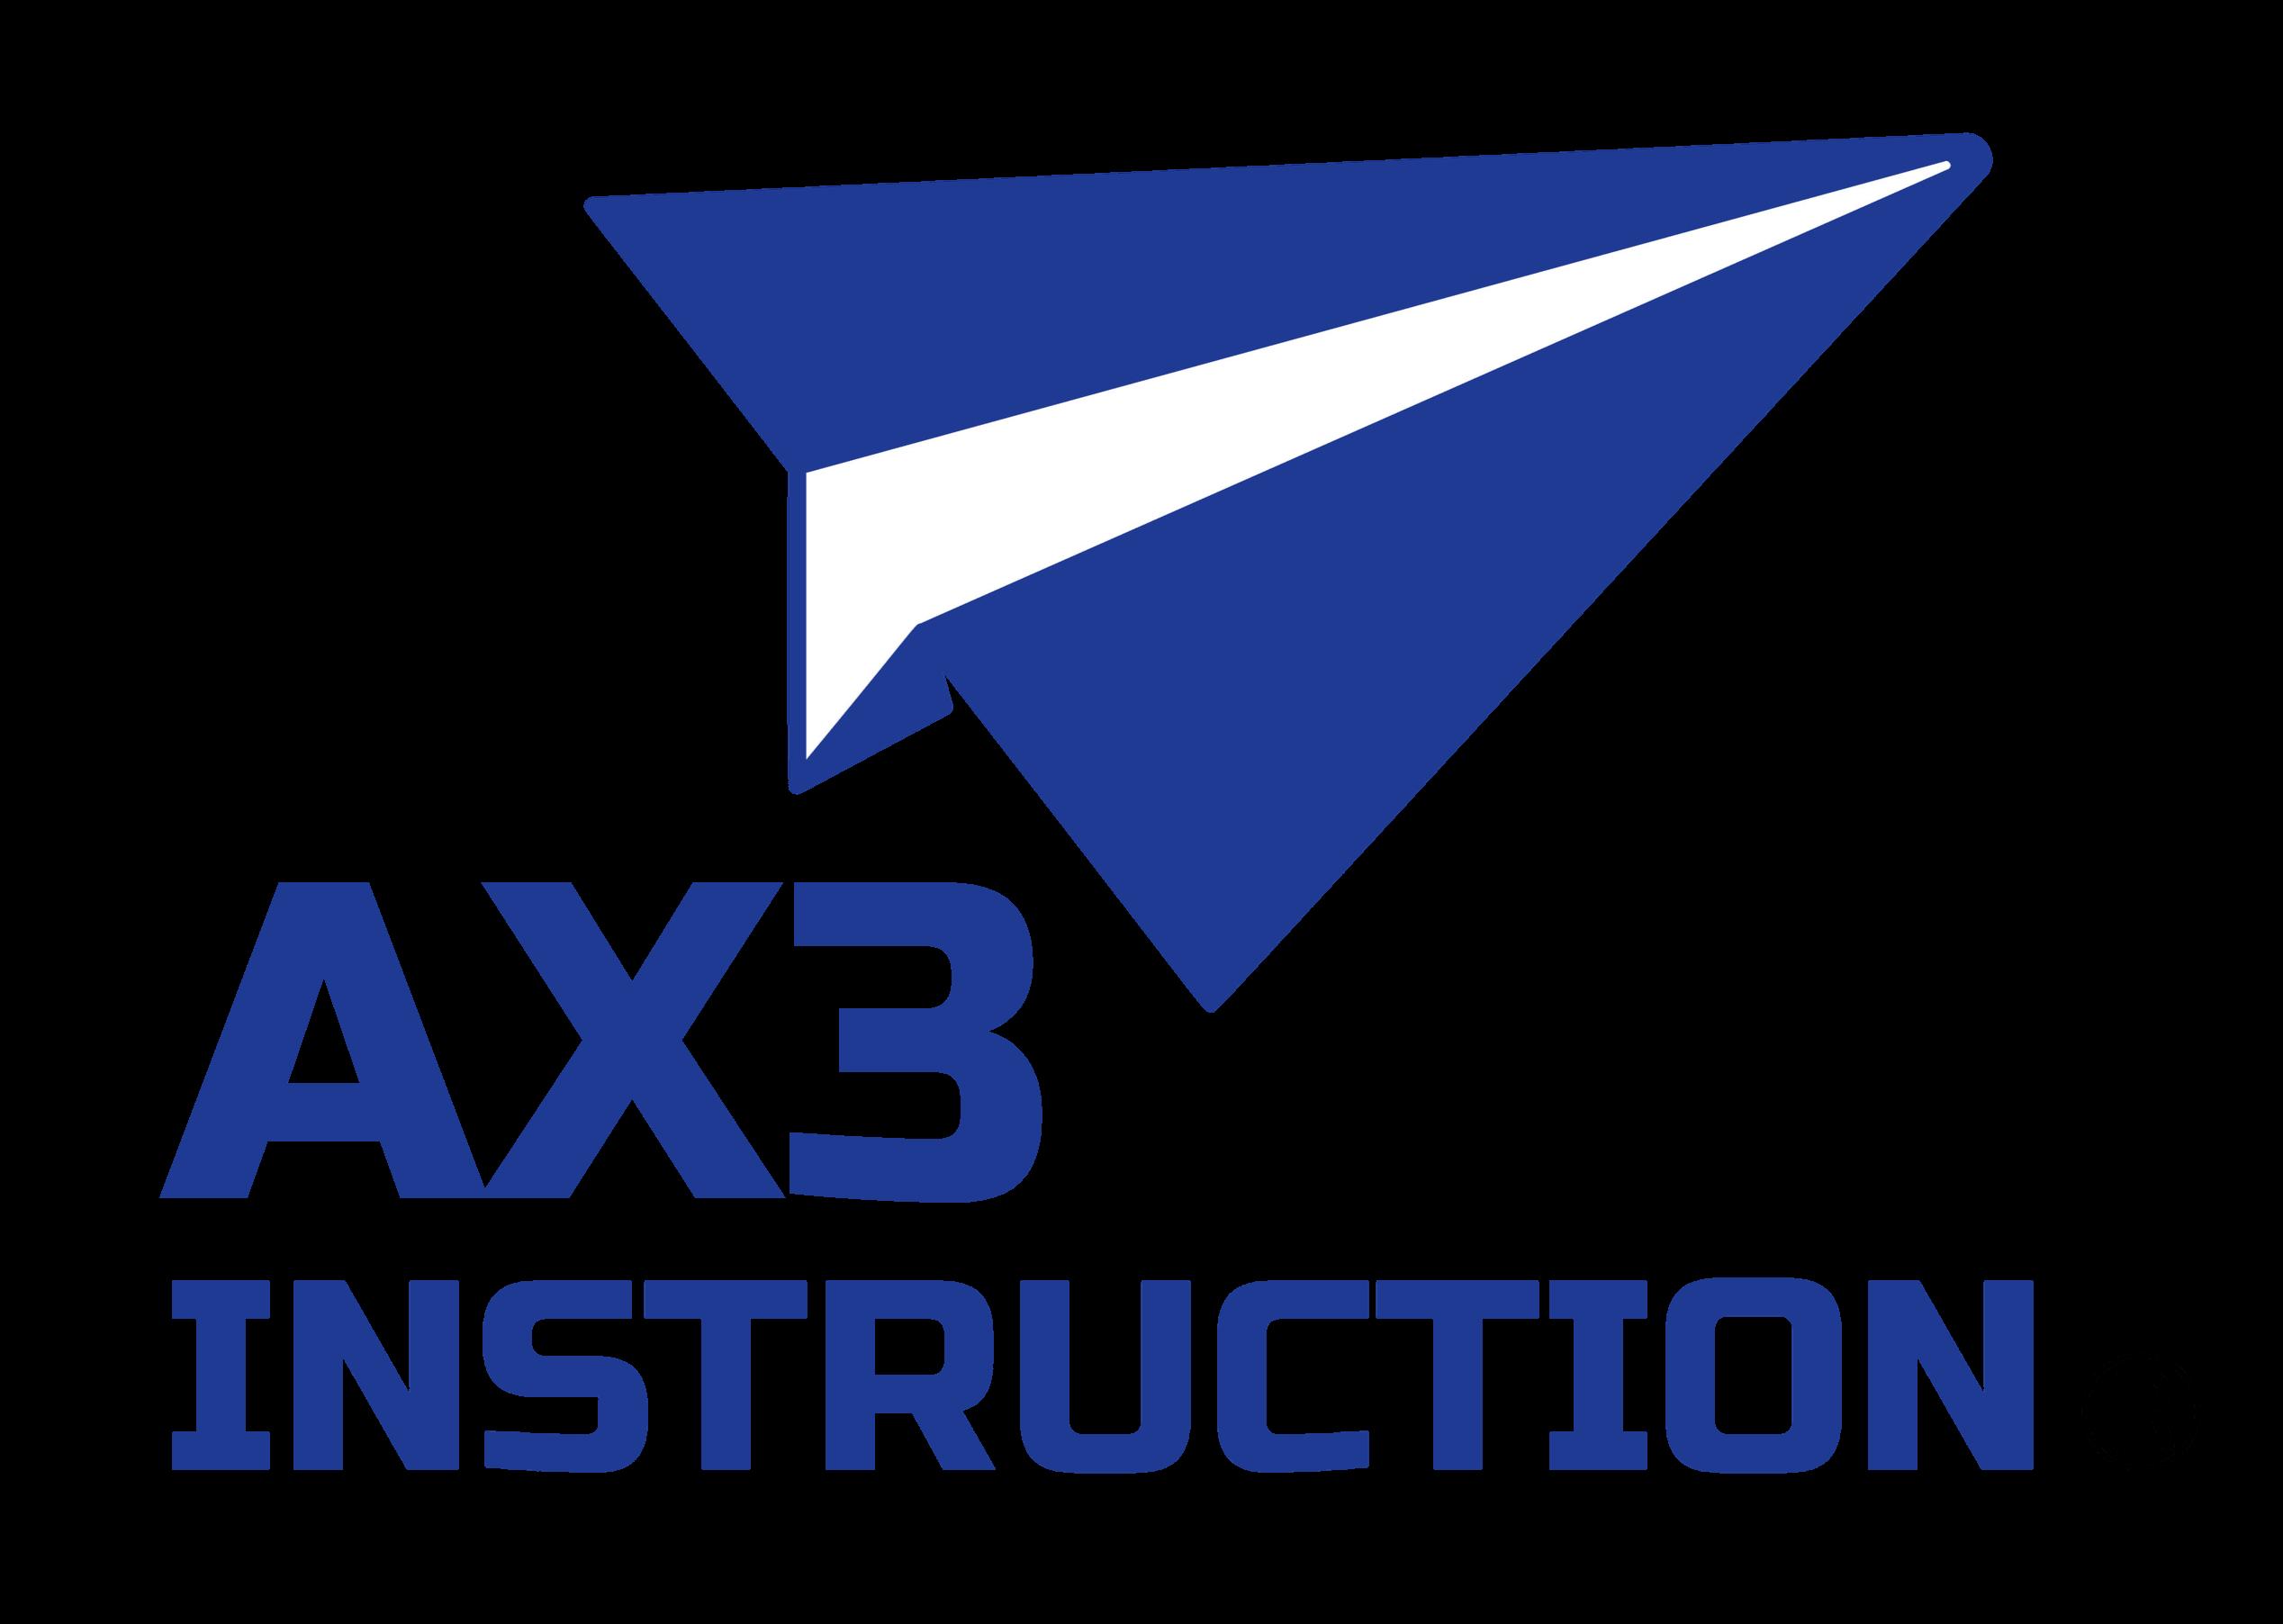 AX3 INSTRUCTION